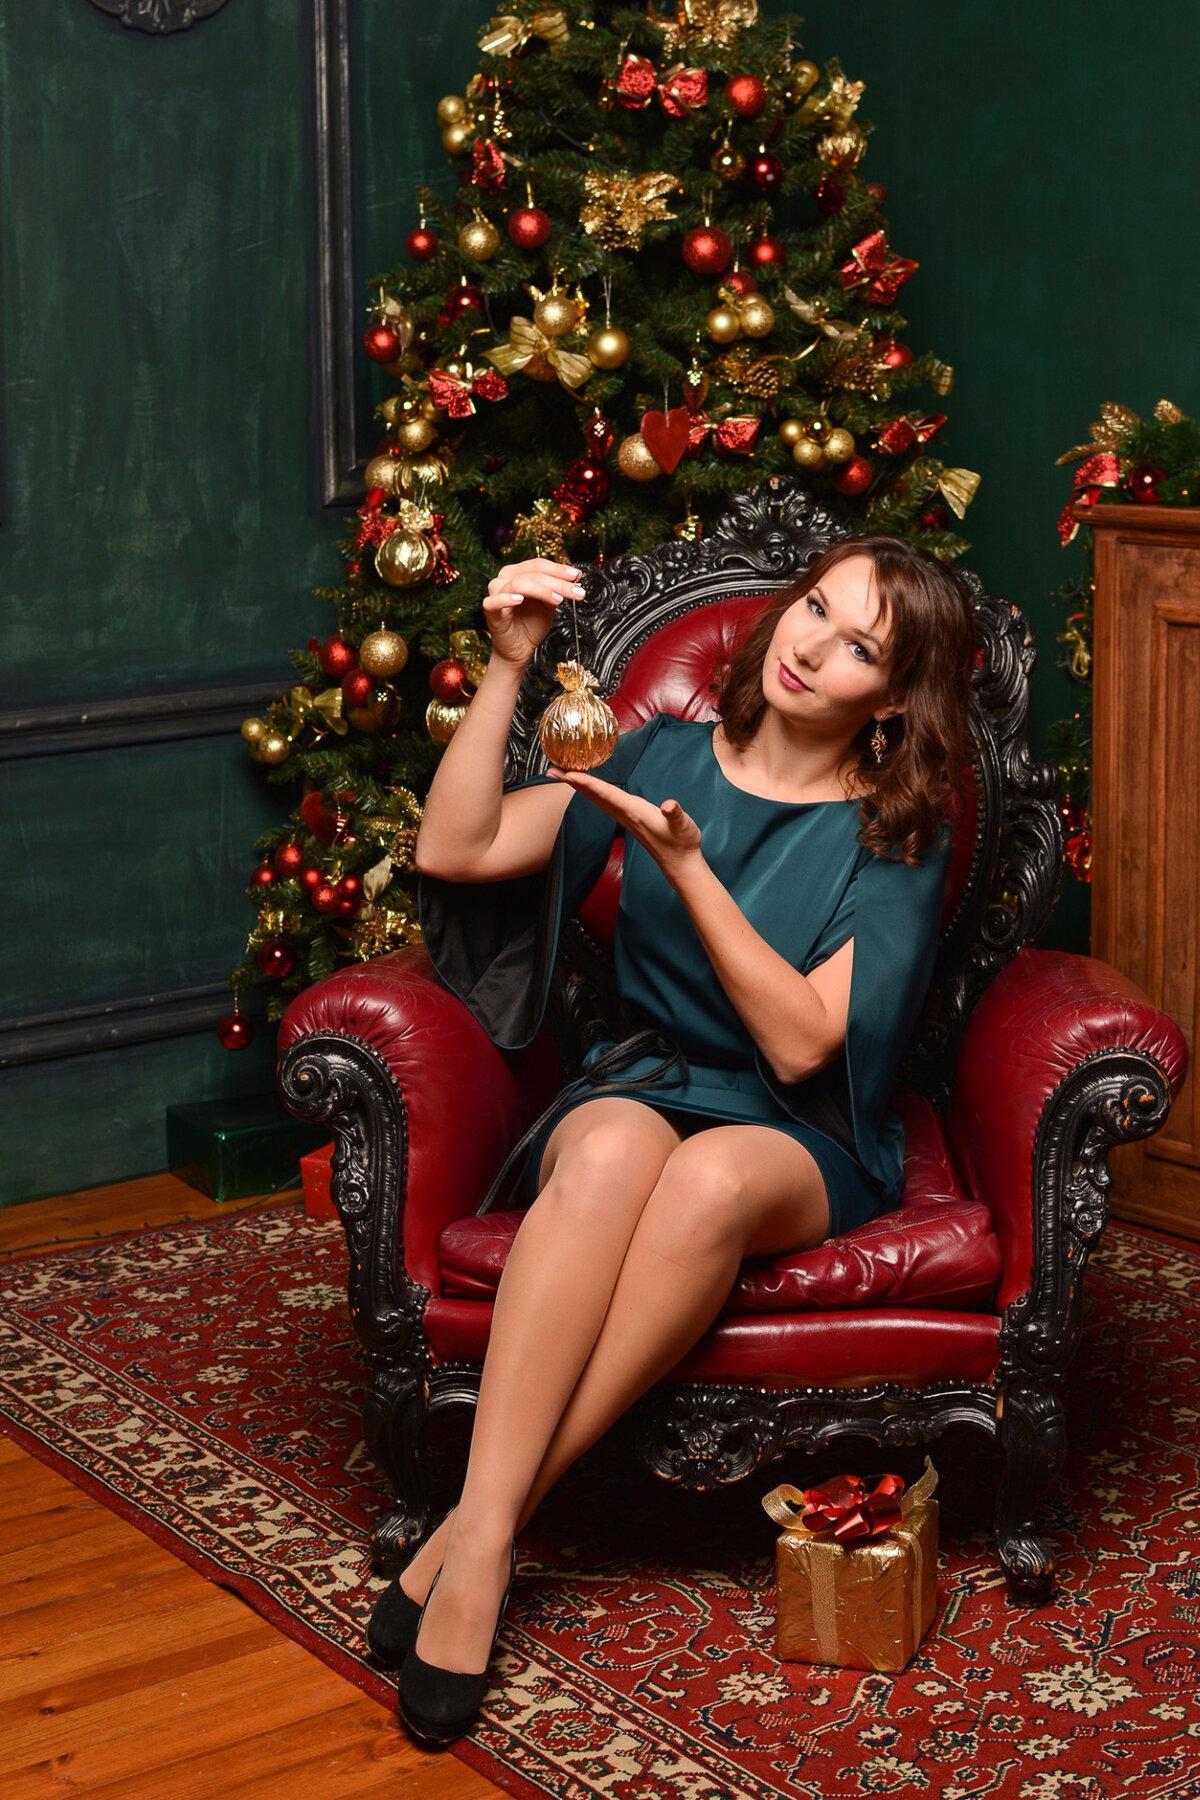 Позирование жена в кресле